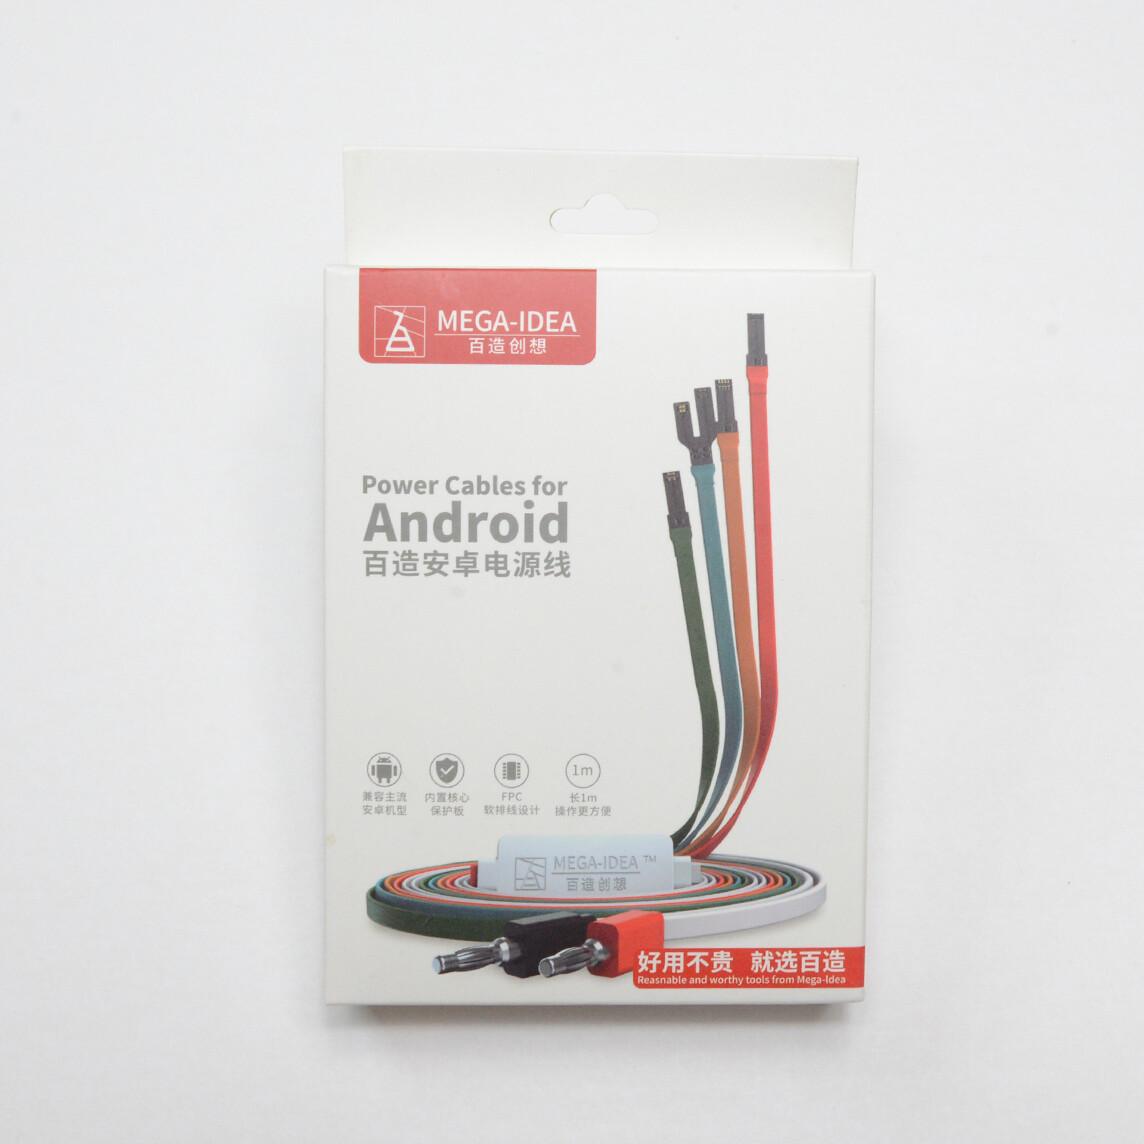 Kit de cables para android de mega idea